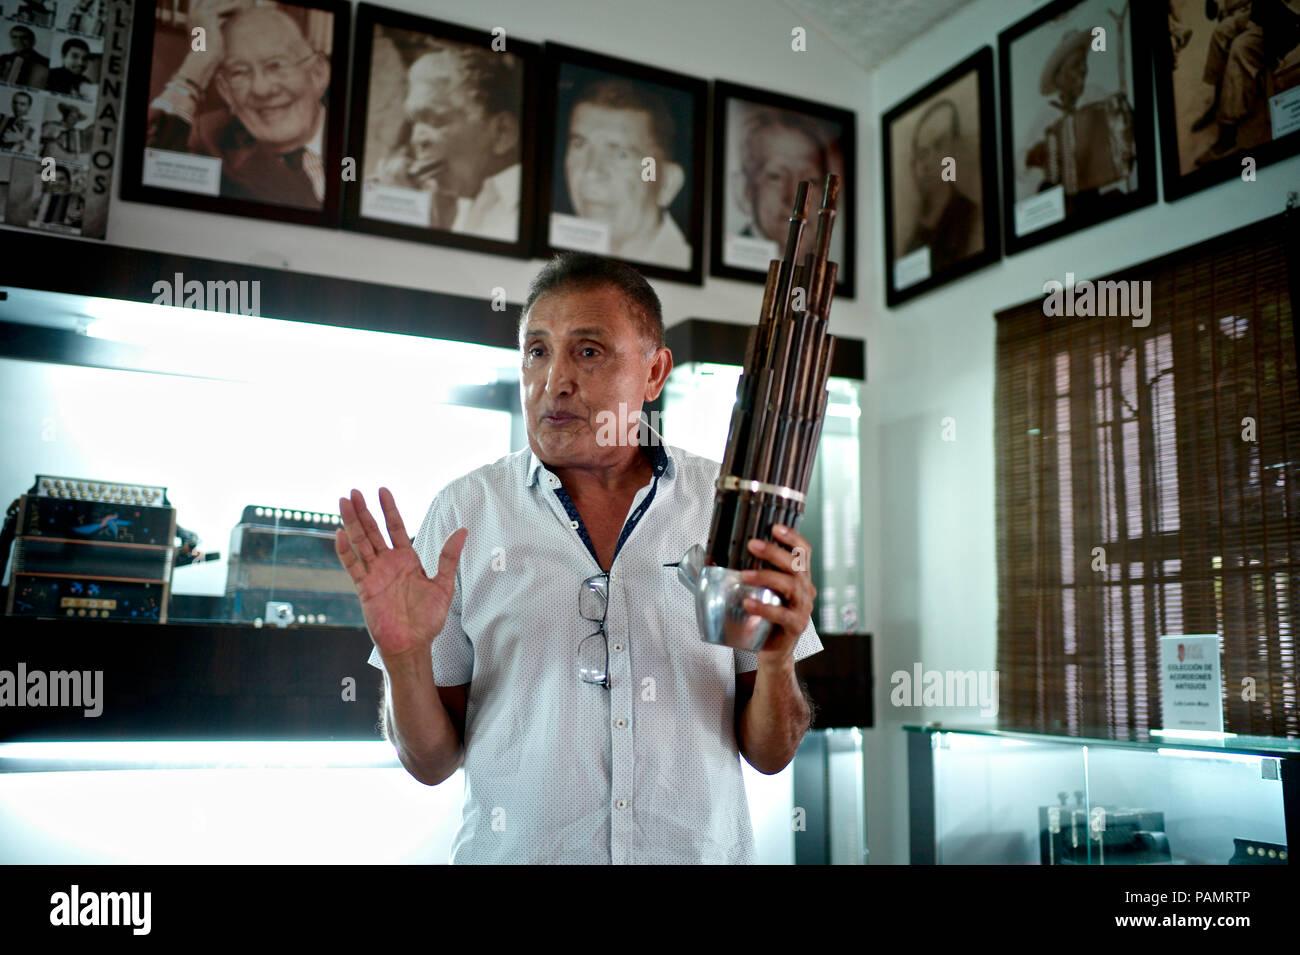 Compositor de vallenato colombiano Beto Murgas en su casa y museo de acordeón, manteniendo la primera libre reed instrumentos desarrollados en China en la segunda milleneum AEC, conocido como Sheng Foto de stock